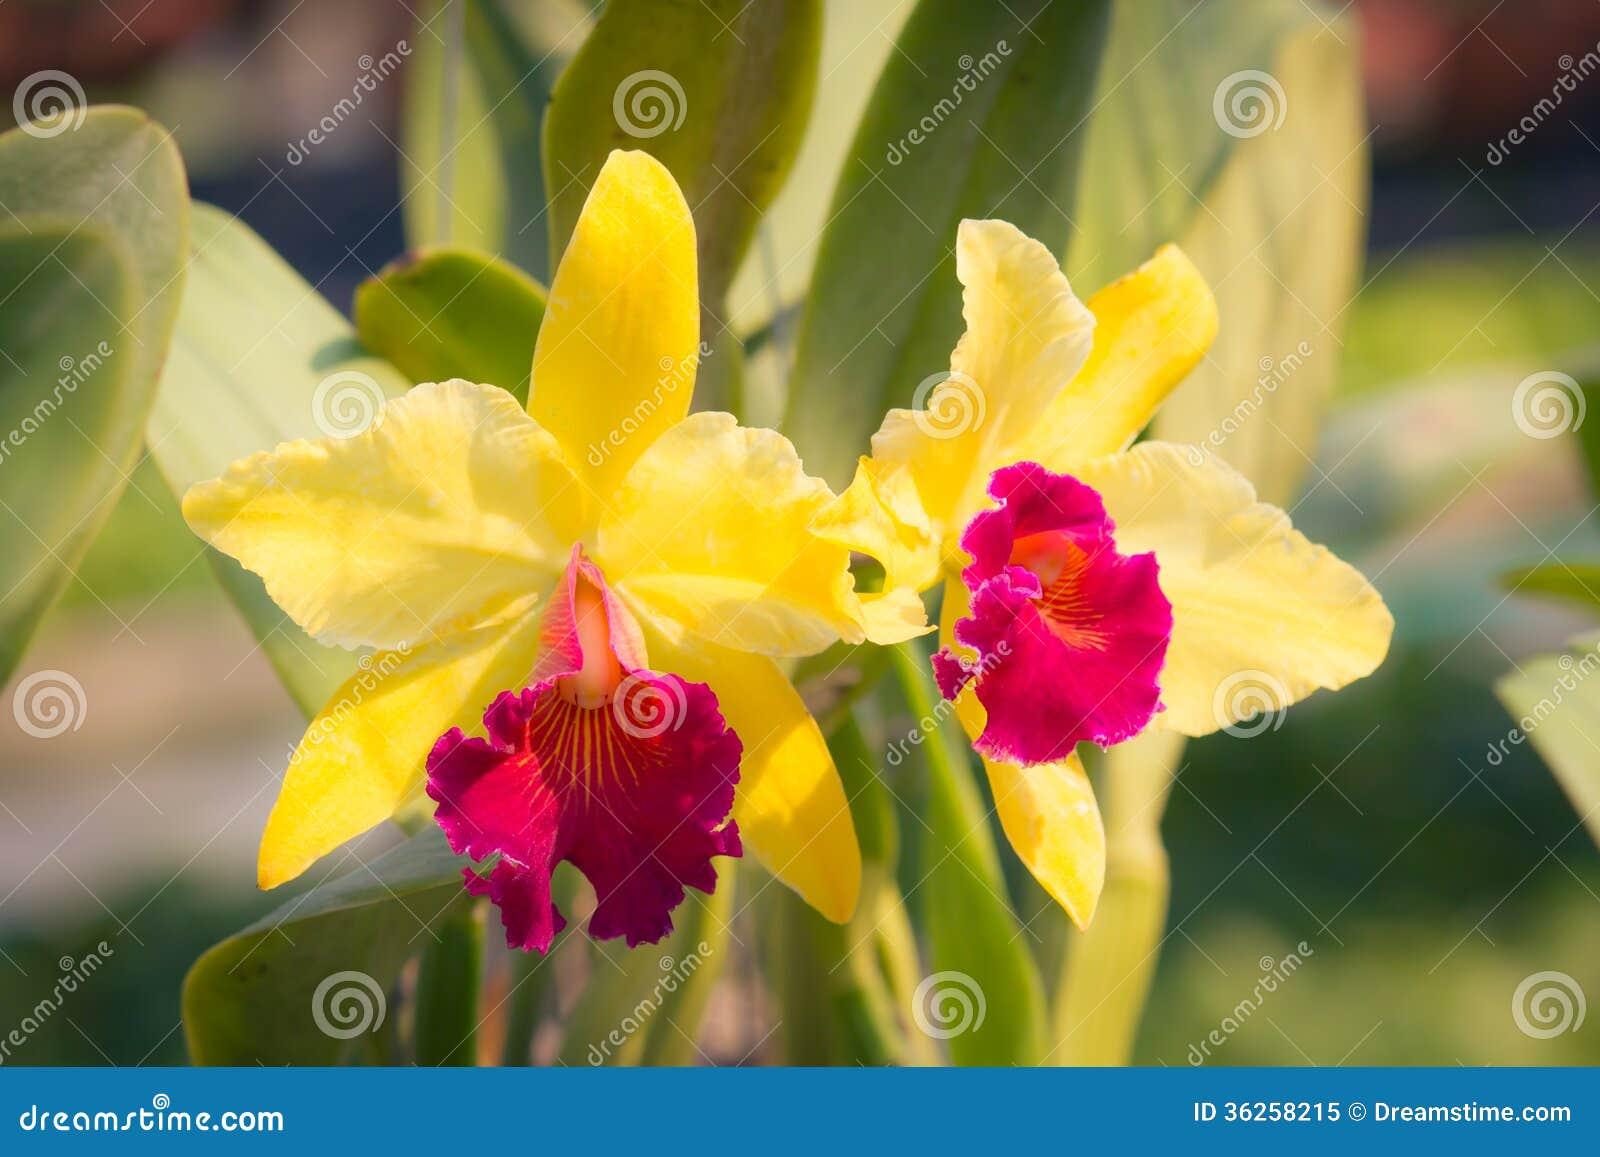 fleur jaune rouge d 39 orchid e de cattleya photo libre de droits image 36258215. Black Bedroom Furniture Sets. Home Design Ideas